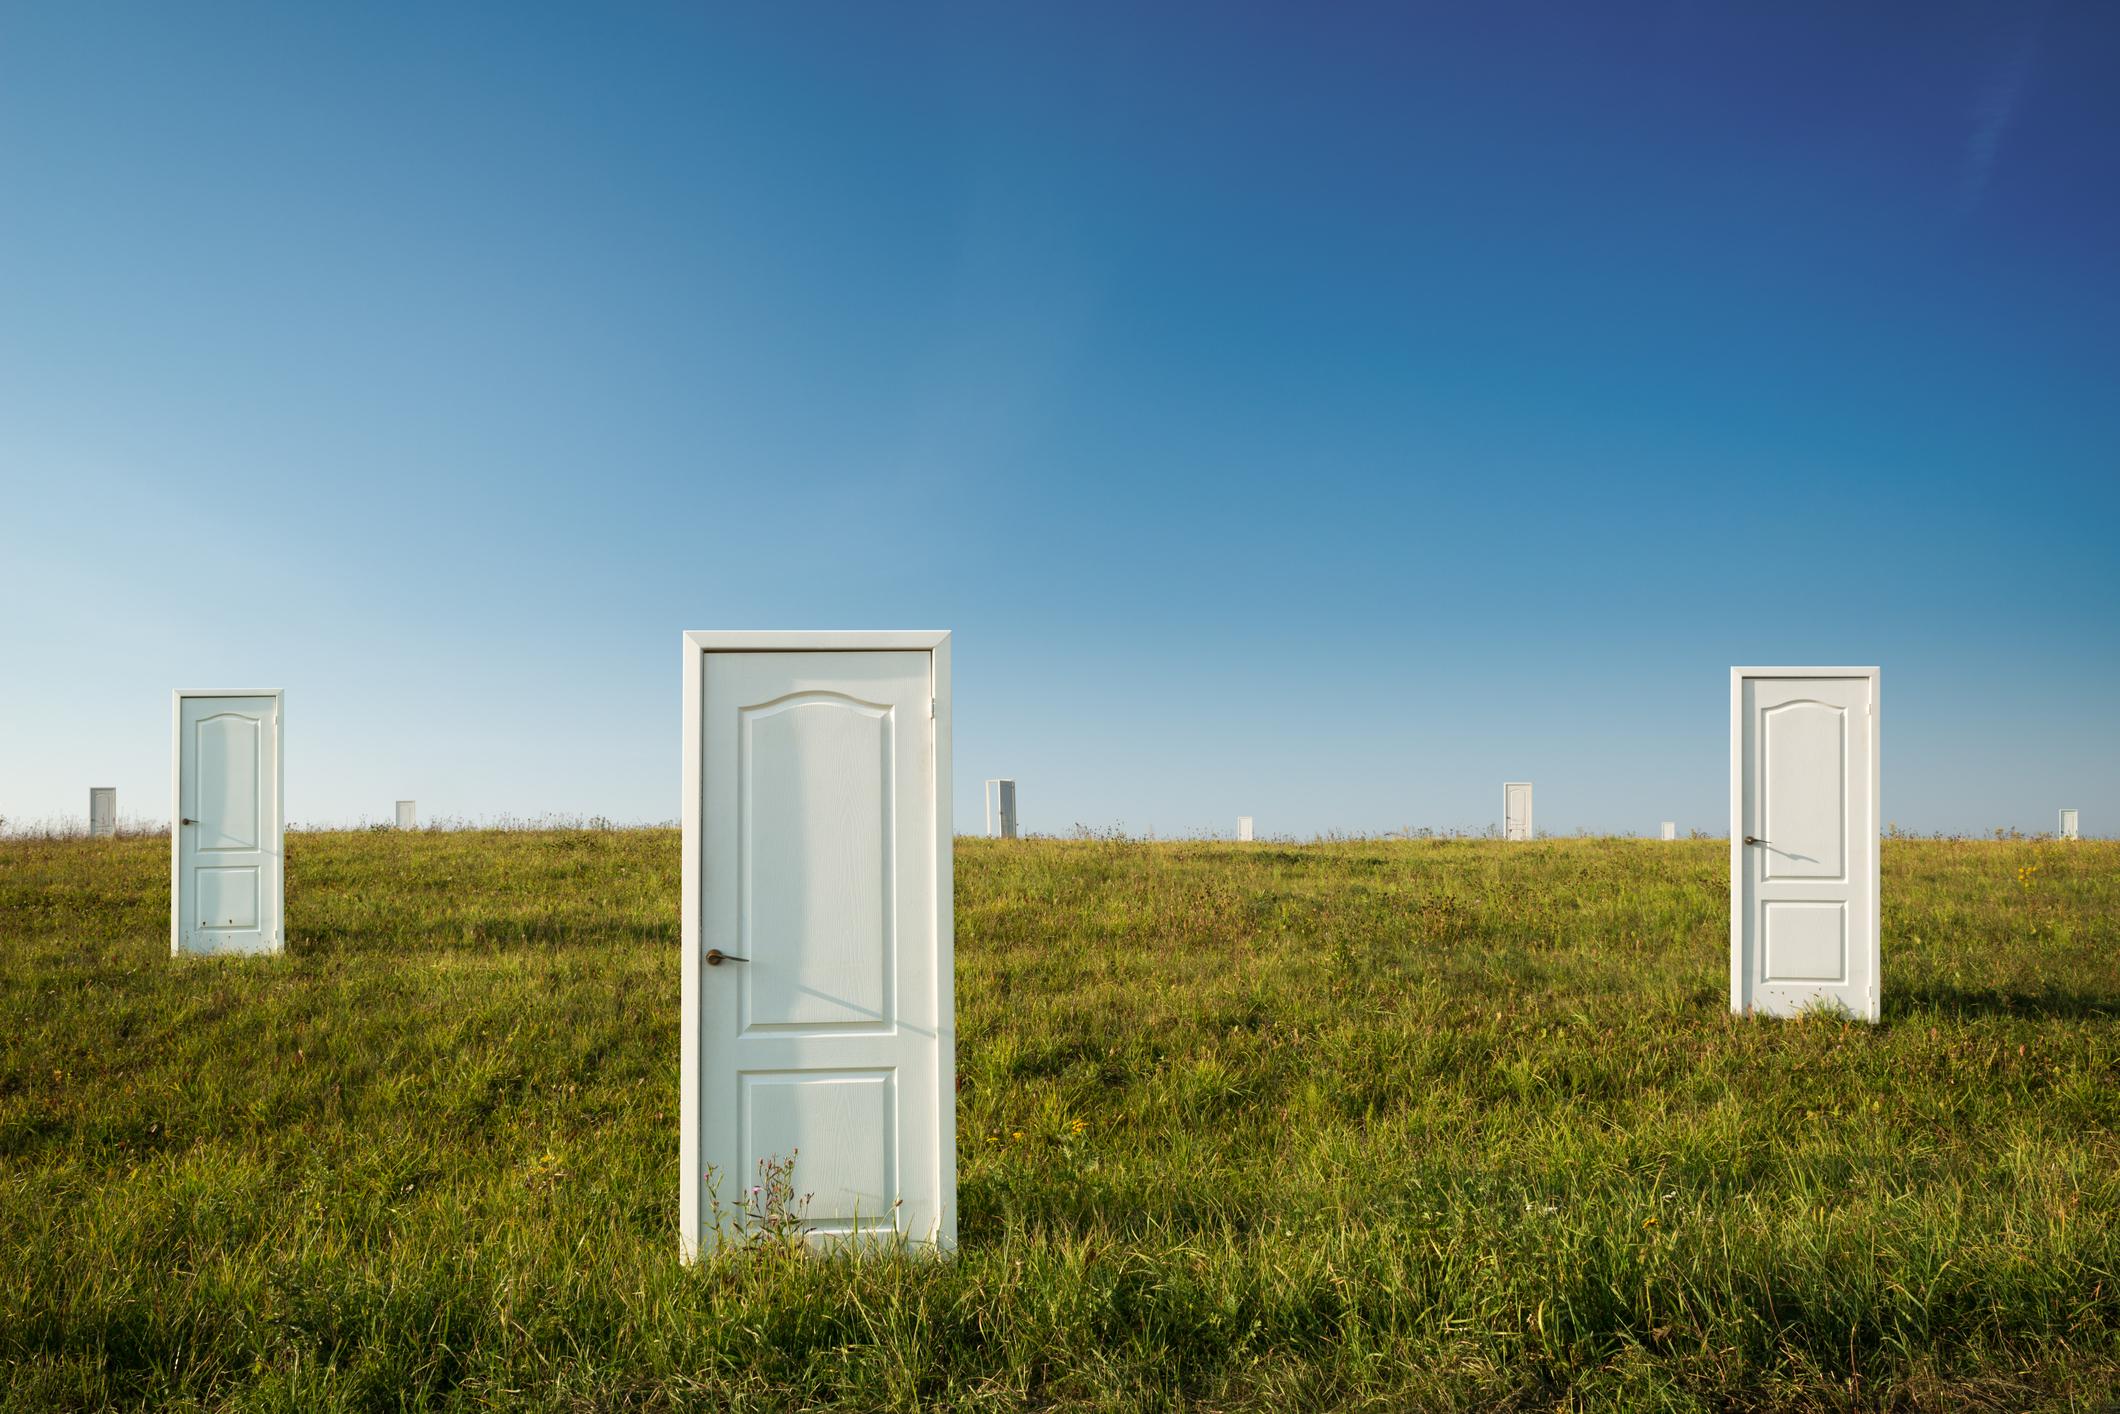 Doors in a field.